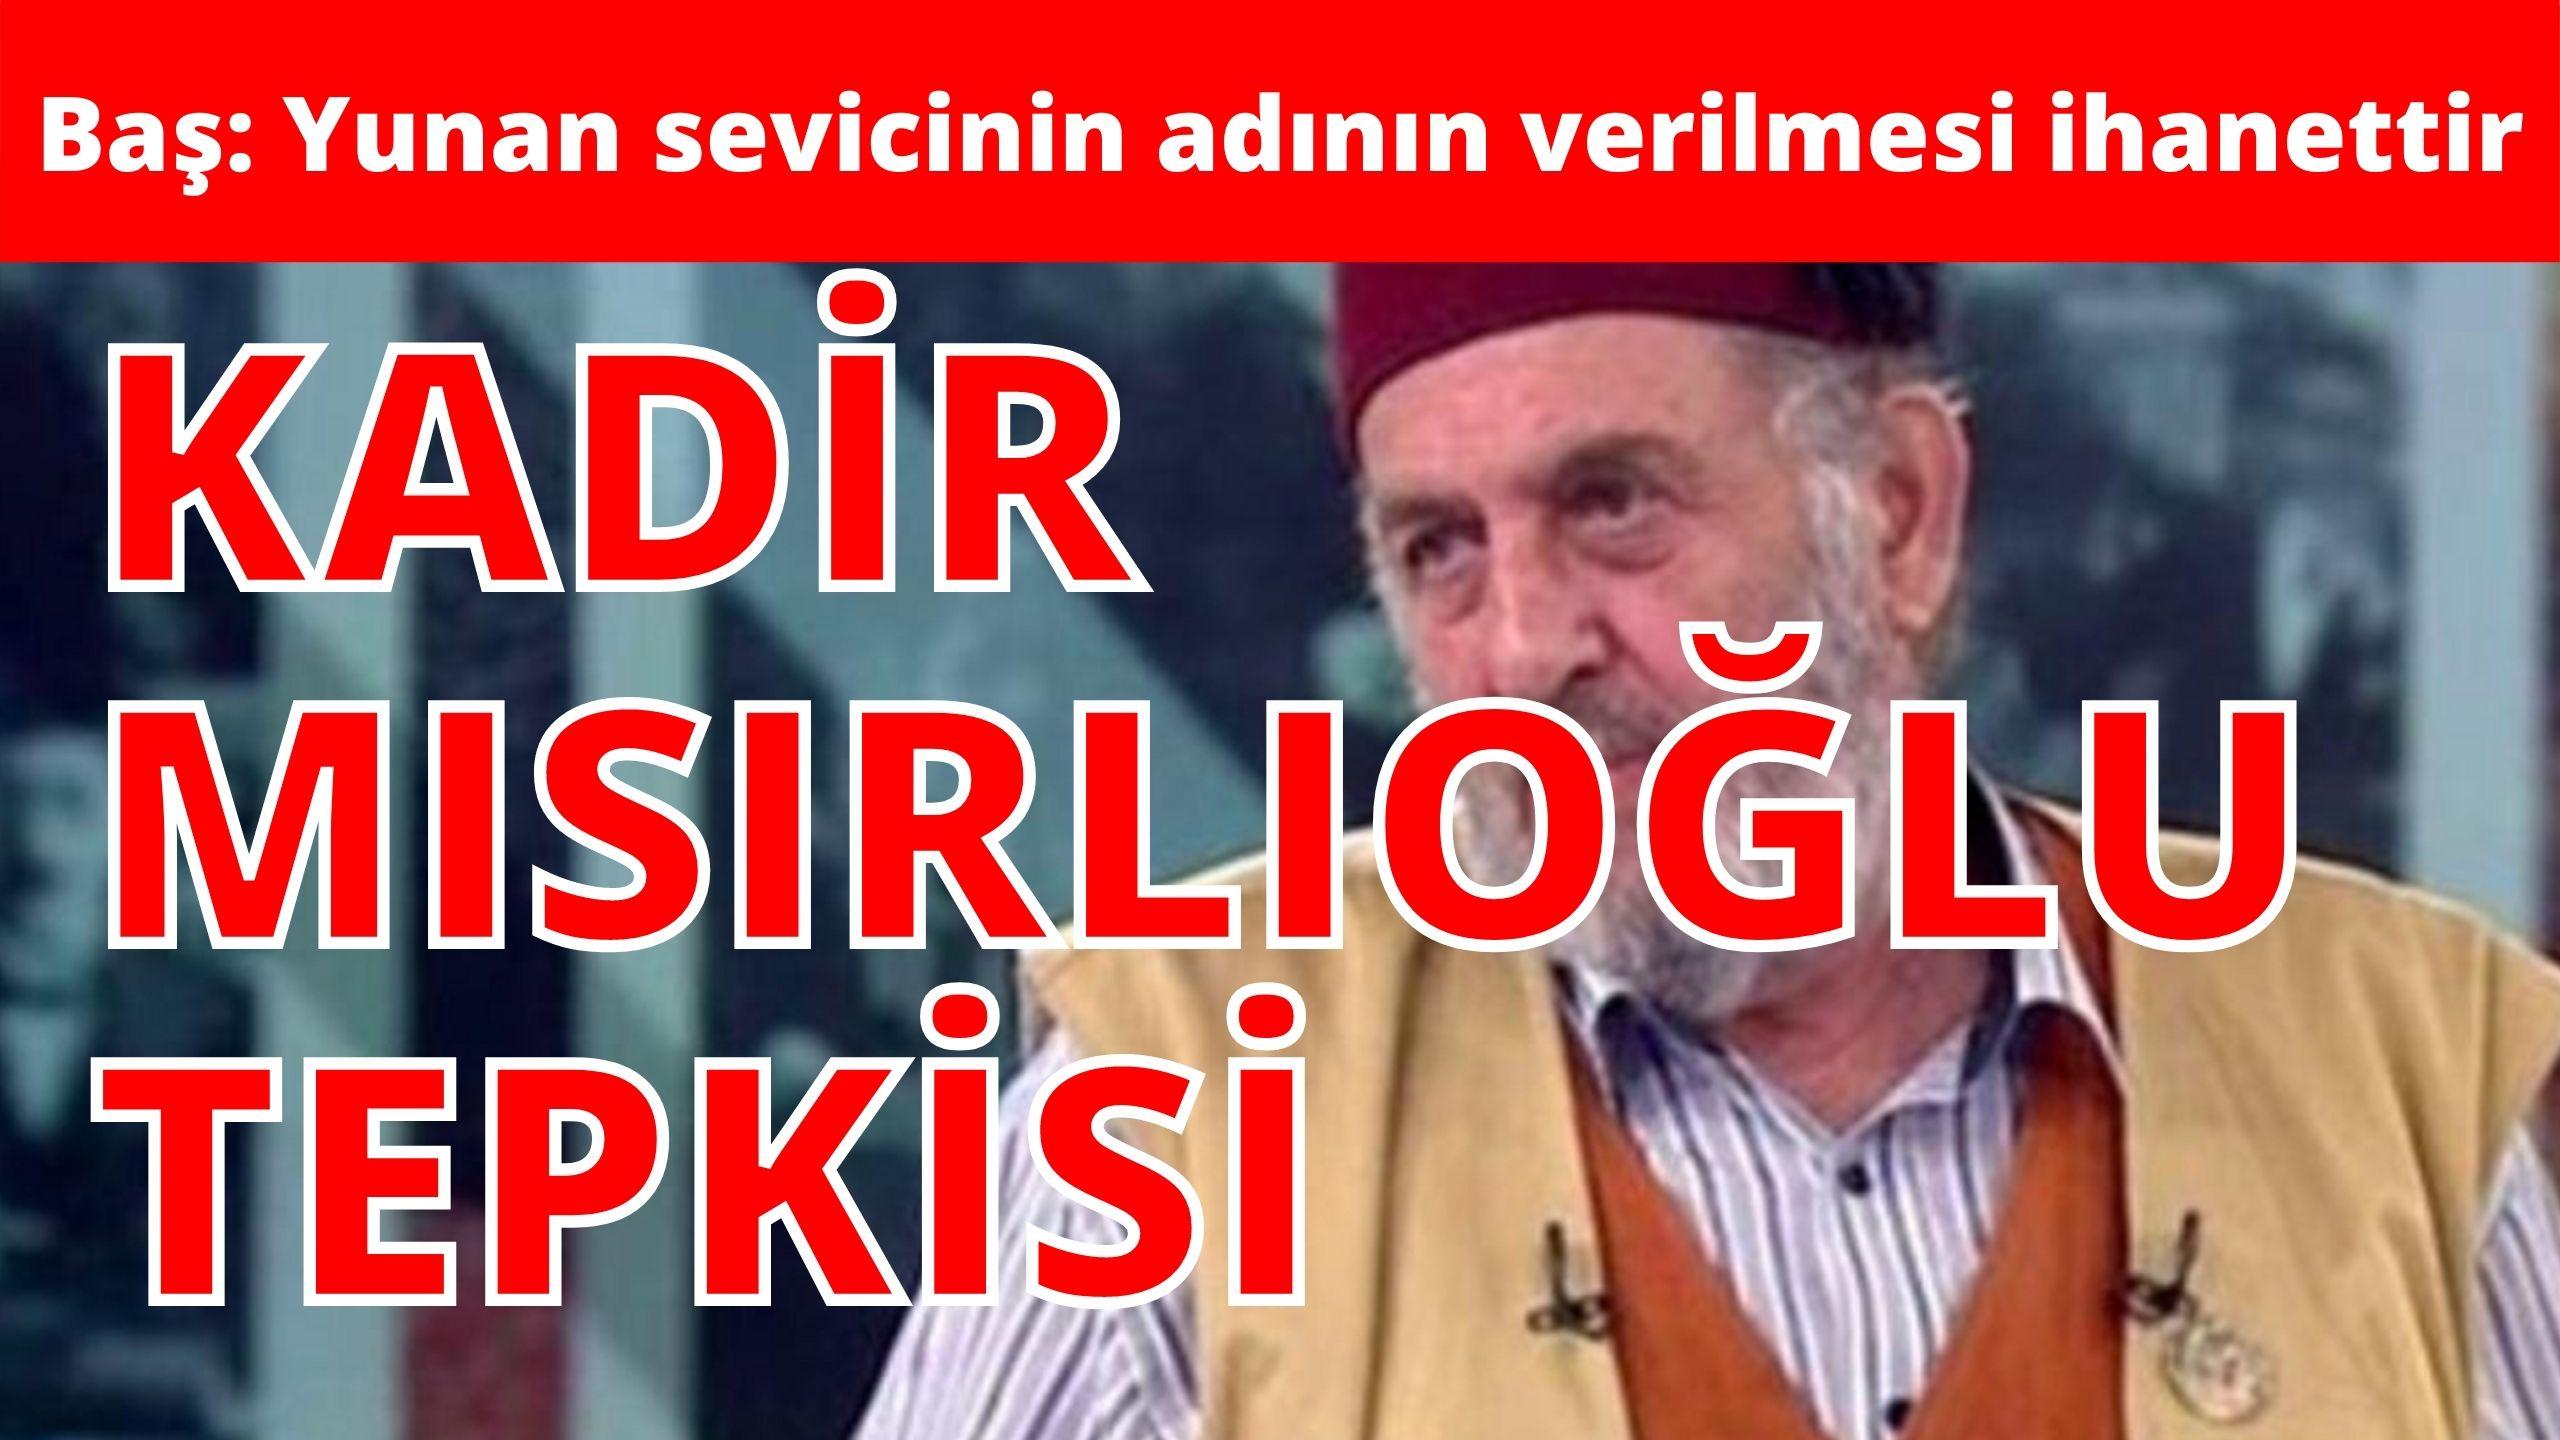 BTP'DEN KADİR MISIRLIOĞLU TEPKİSİ